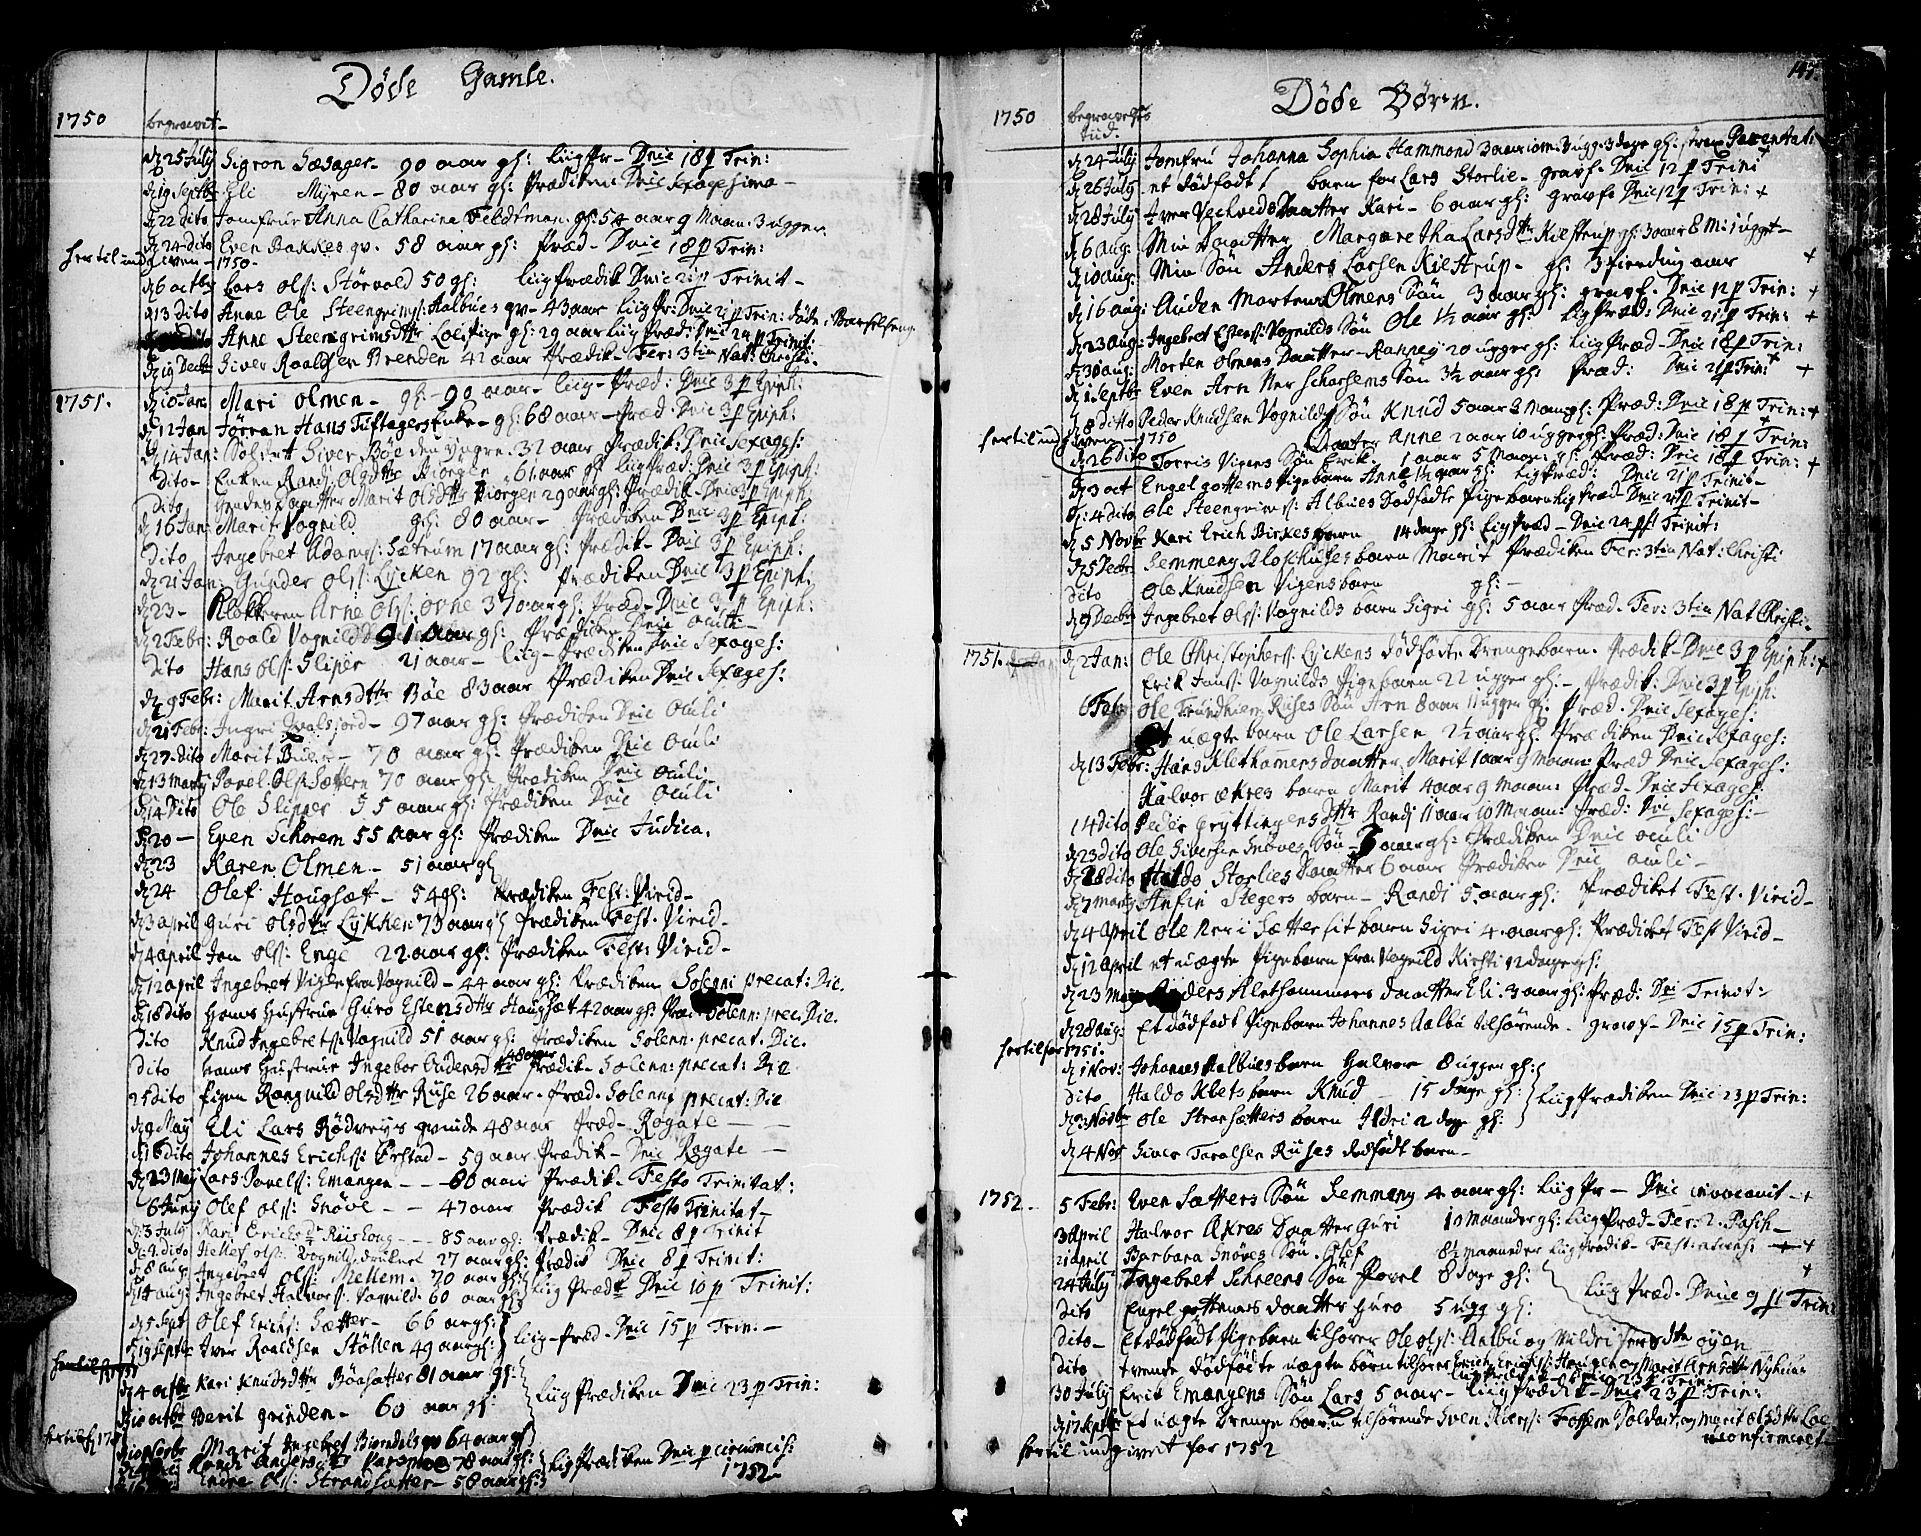 SAT, Ministerialprotokoller, klokkerbøker og fødselsregistre - Sør-Trøndelag, 678/L0891: Ministerialbok nr. 678A01, 1739-1780, s. 147